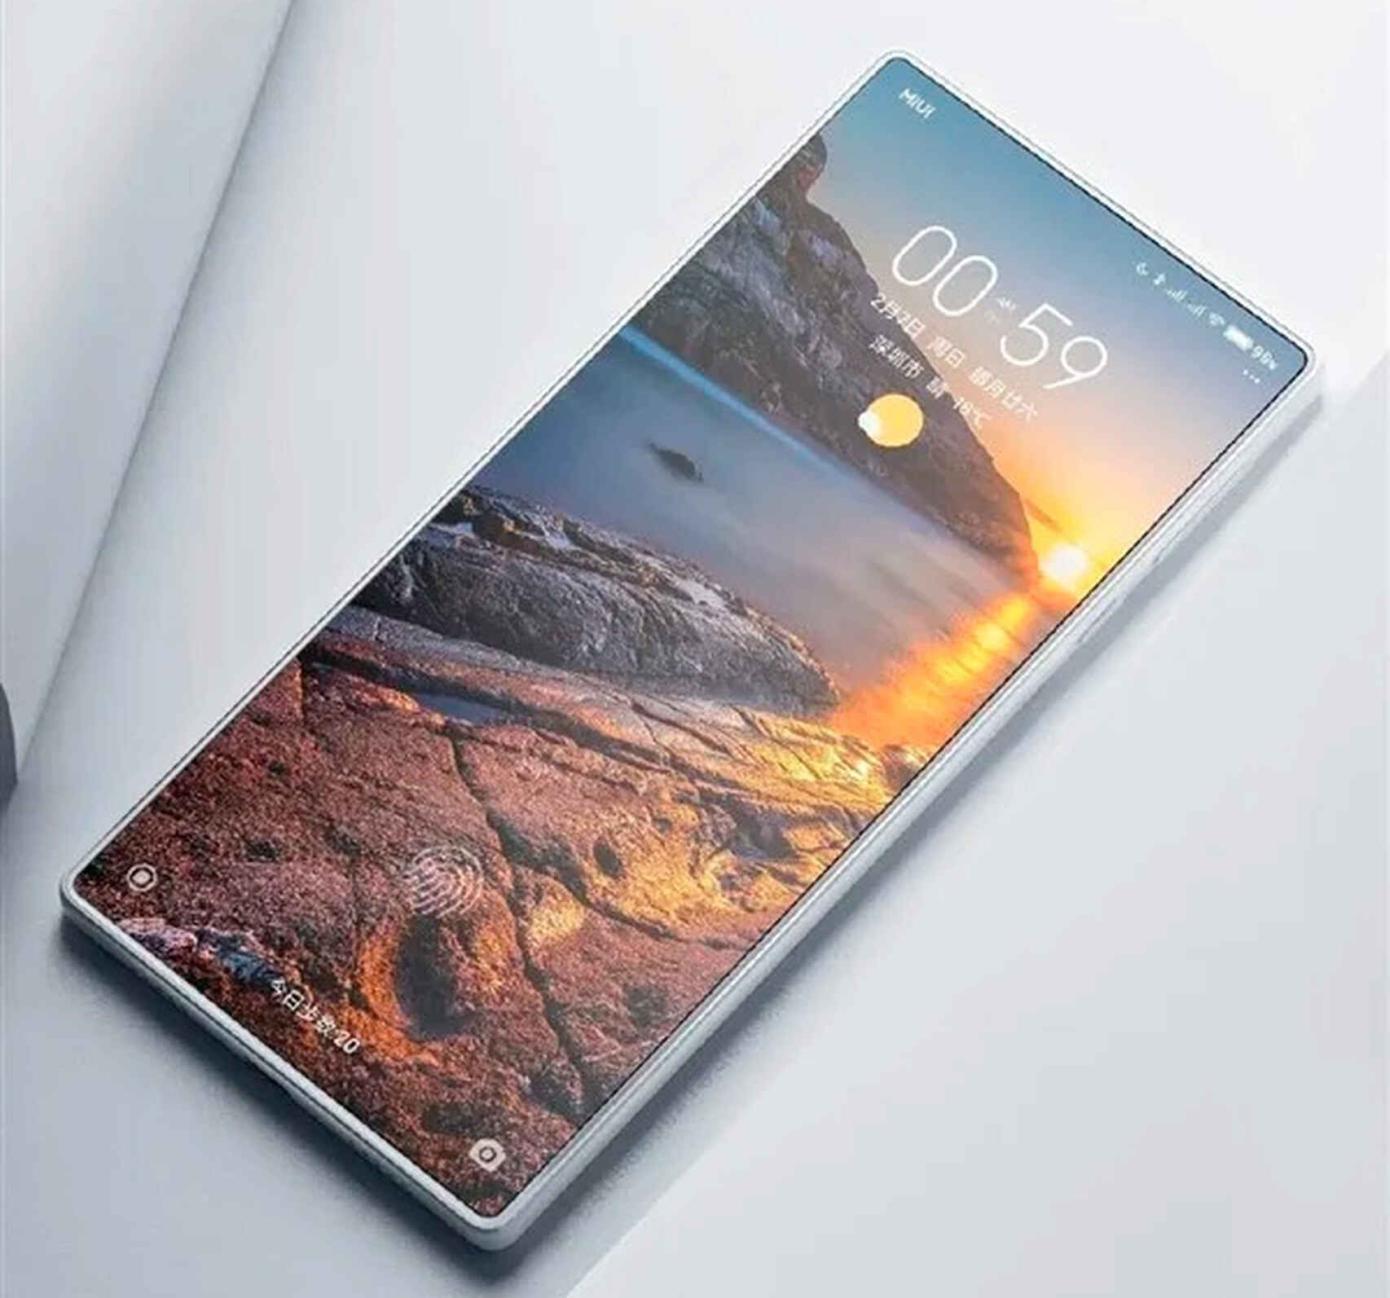 Dajdzhest Chto Takoe Mi Sound Charge Xiaomi Posorevnuetsya S Netflix A Redmi K50 Uzhe V Razrabotke 4